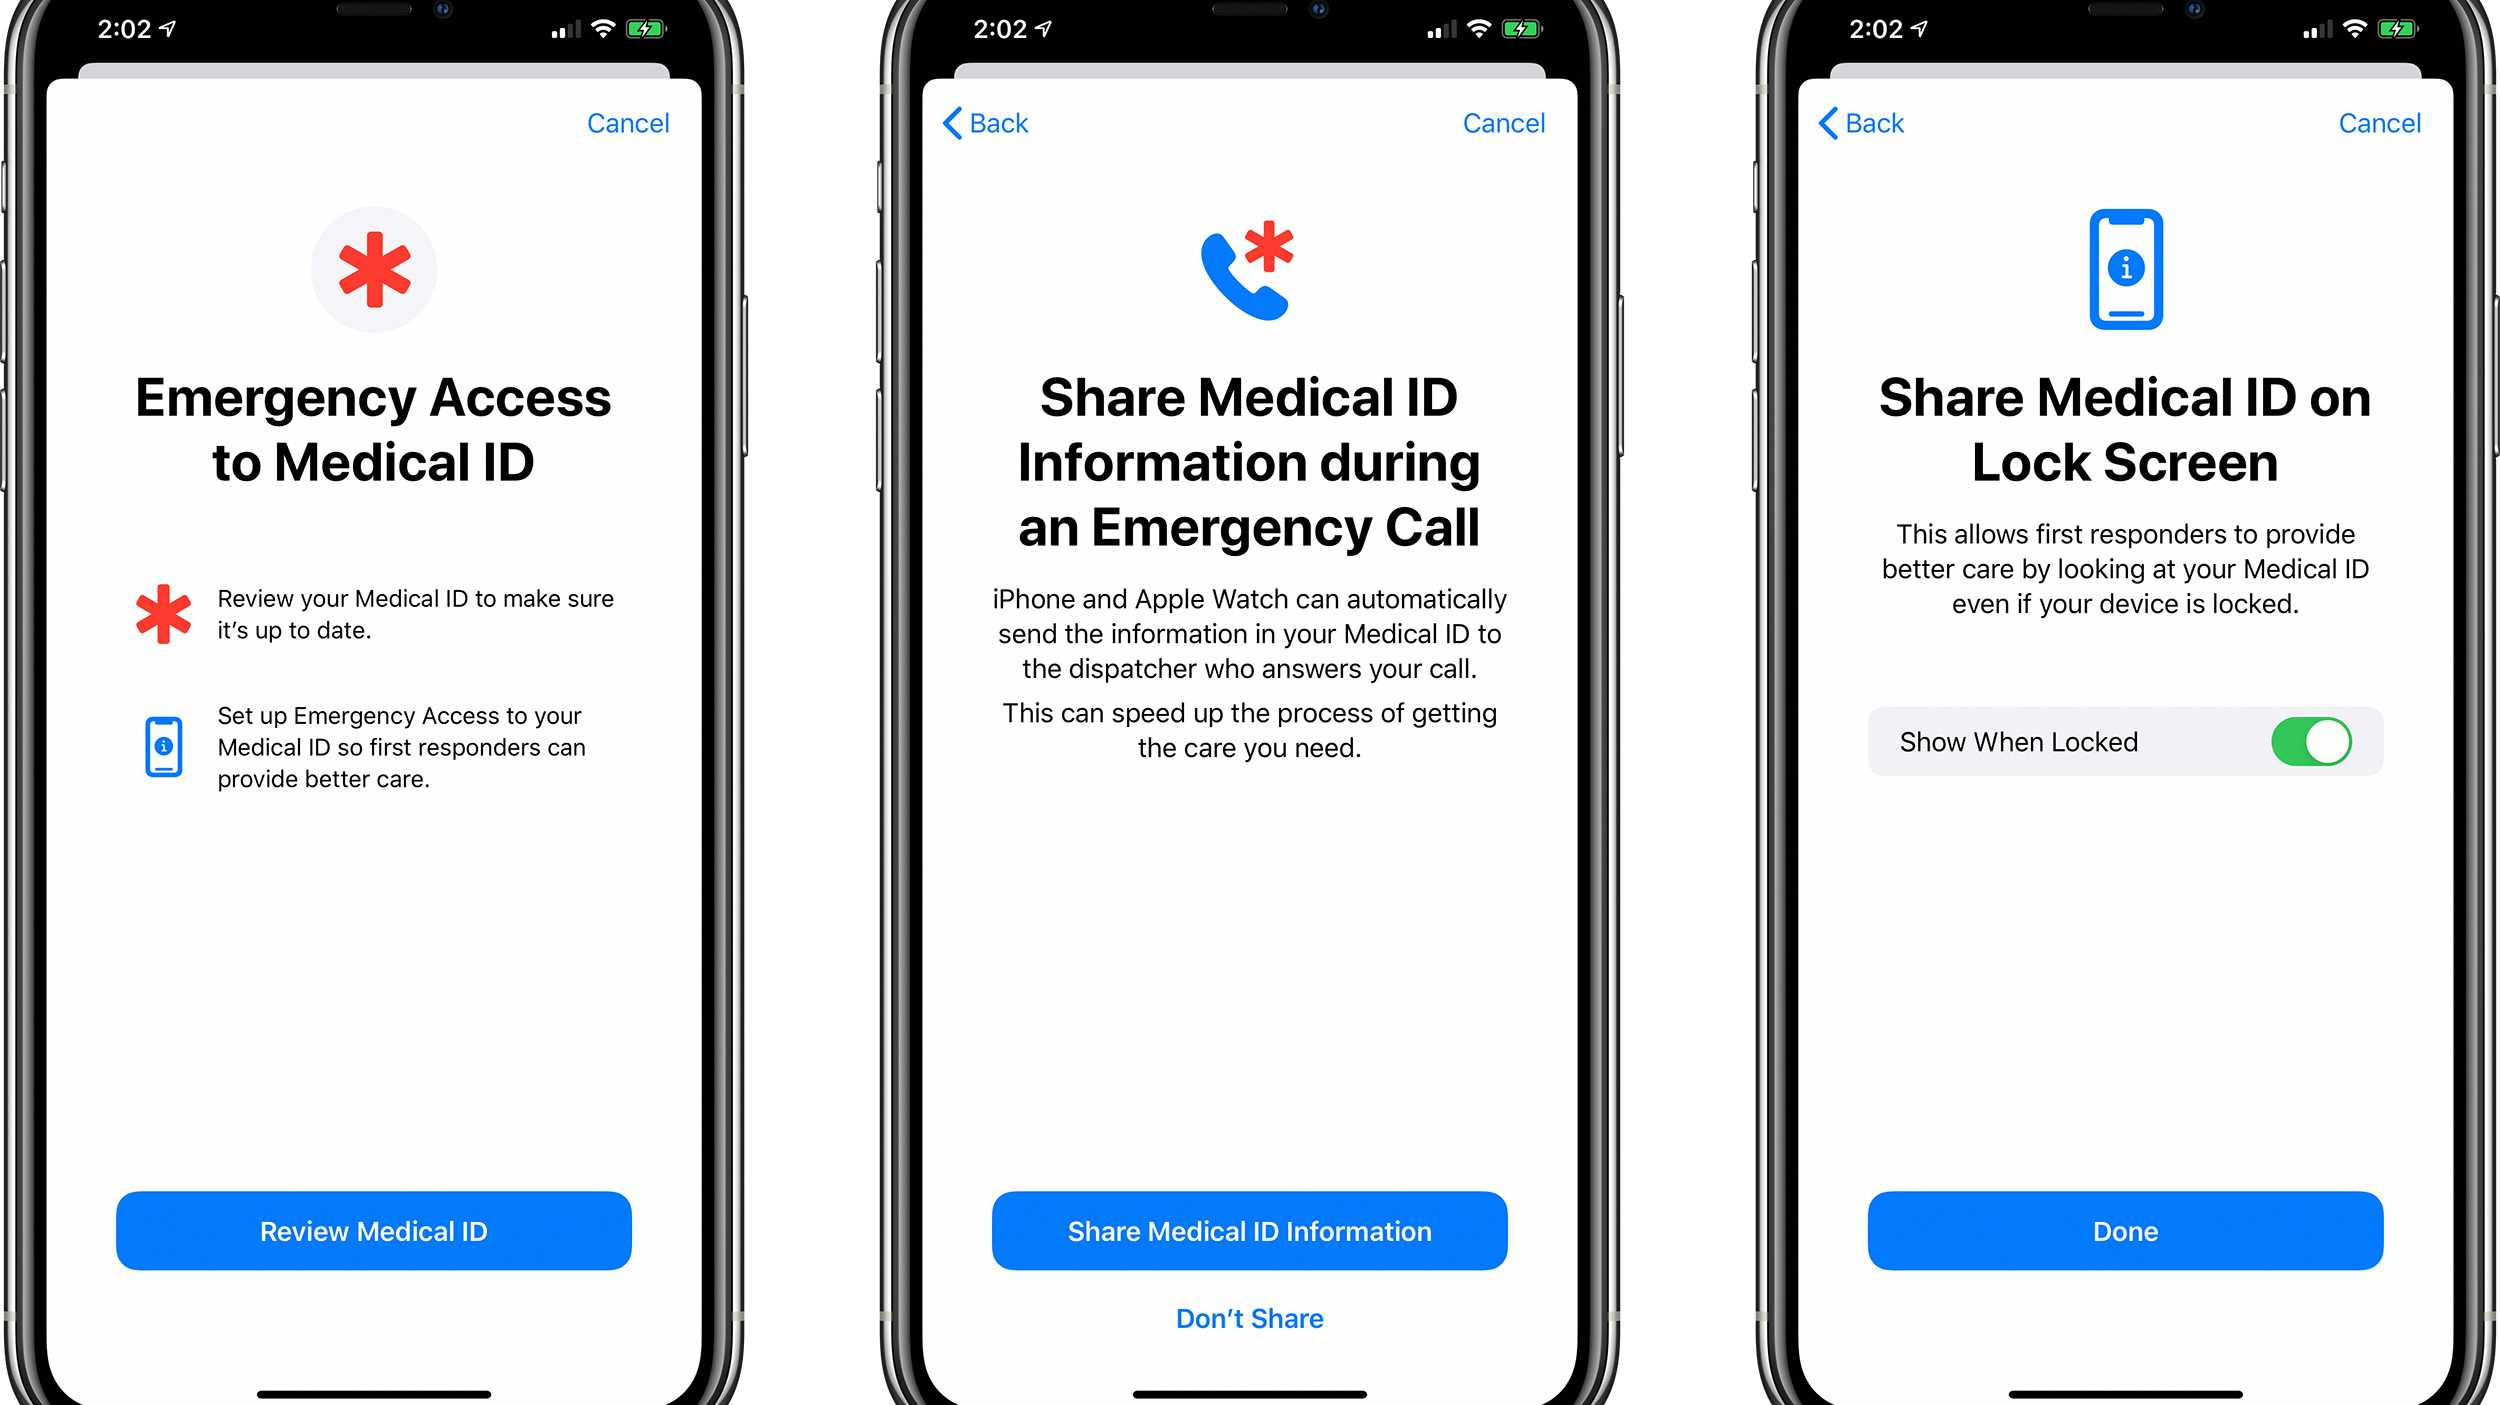 iPhone und Apple Watch k?nnen Gesundheitsinfos an Rettungskr?fte schicken